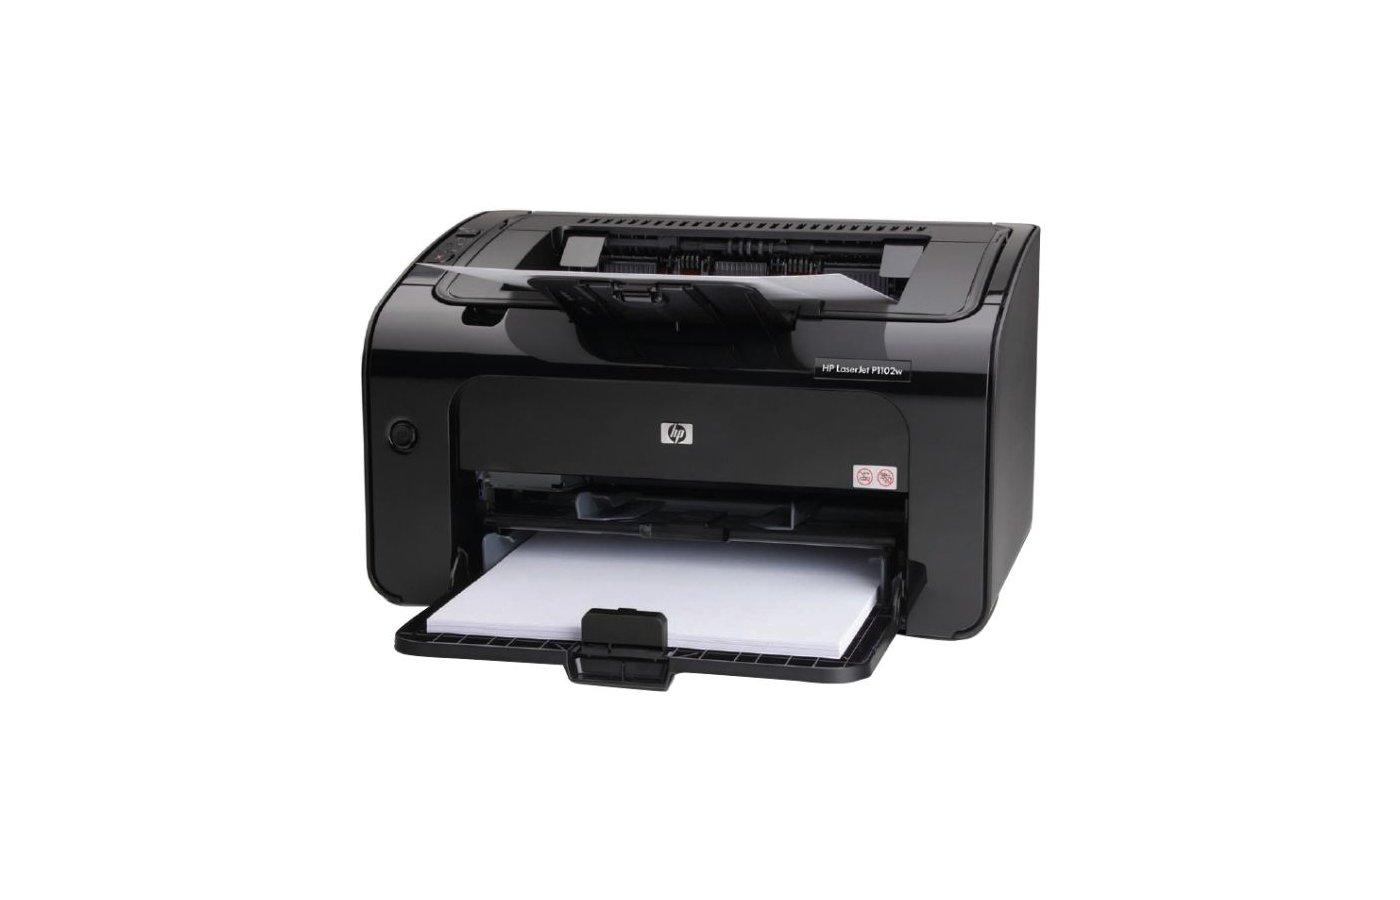 Принтер HP LaserJet Pro P1102w /CE658A/